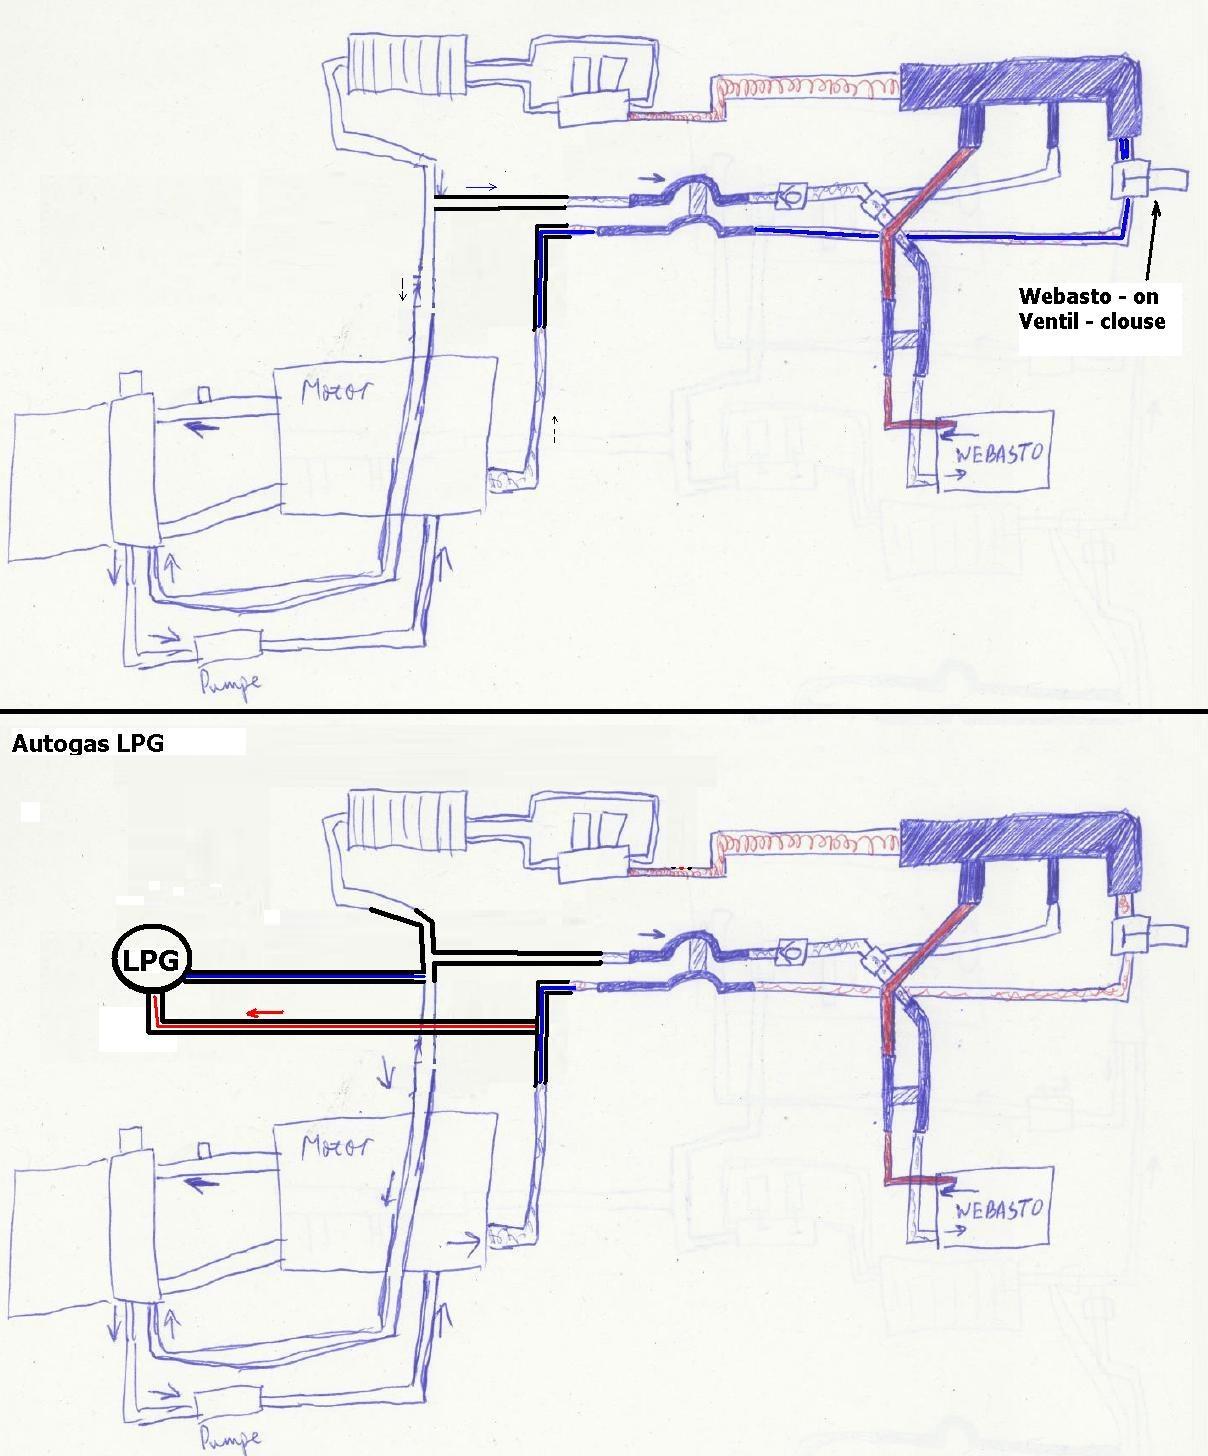 Schema Elettrico Webasto : Hilfe wasserversorgung prins anschluss gasanlagen e